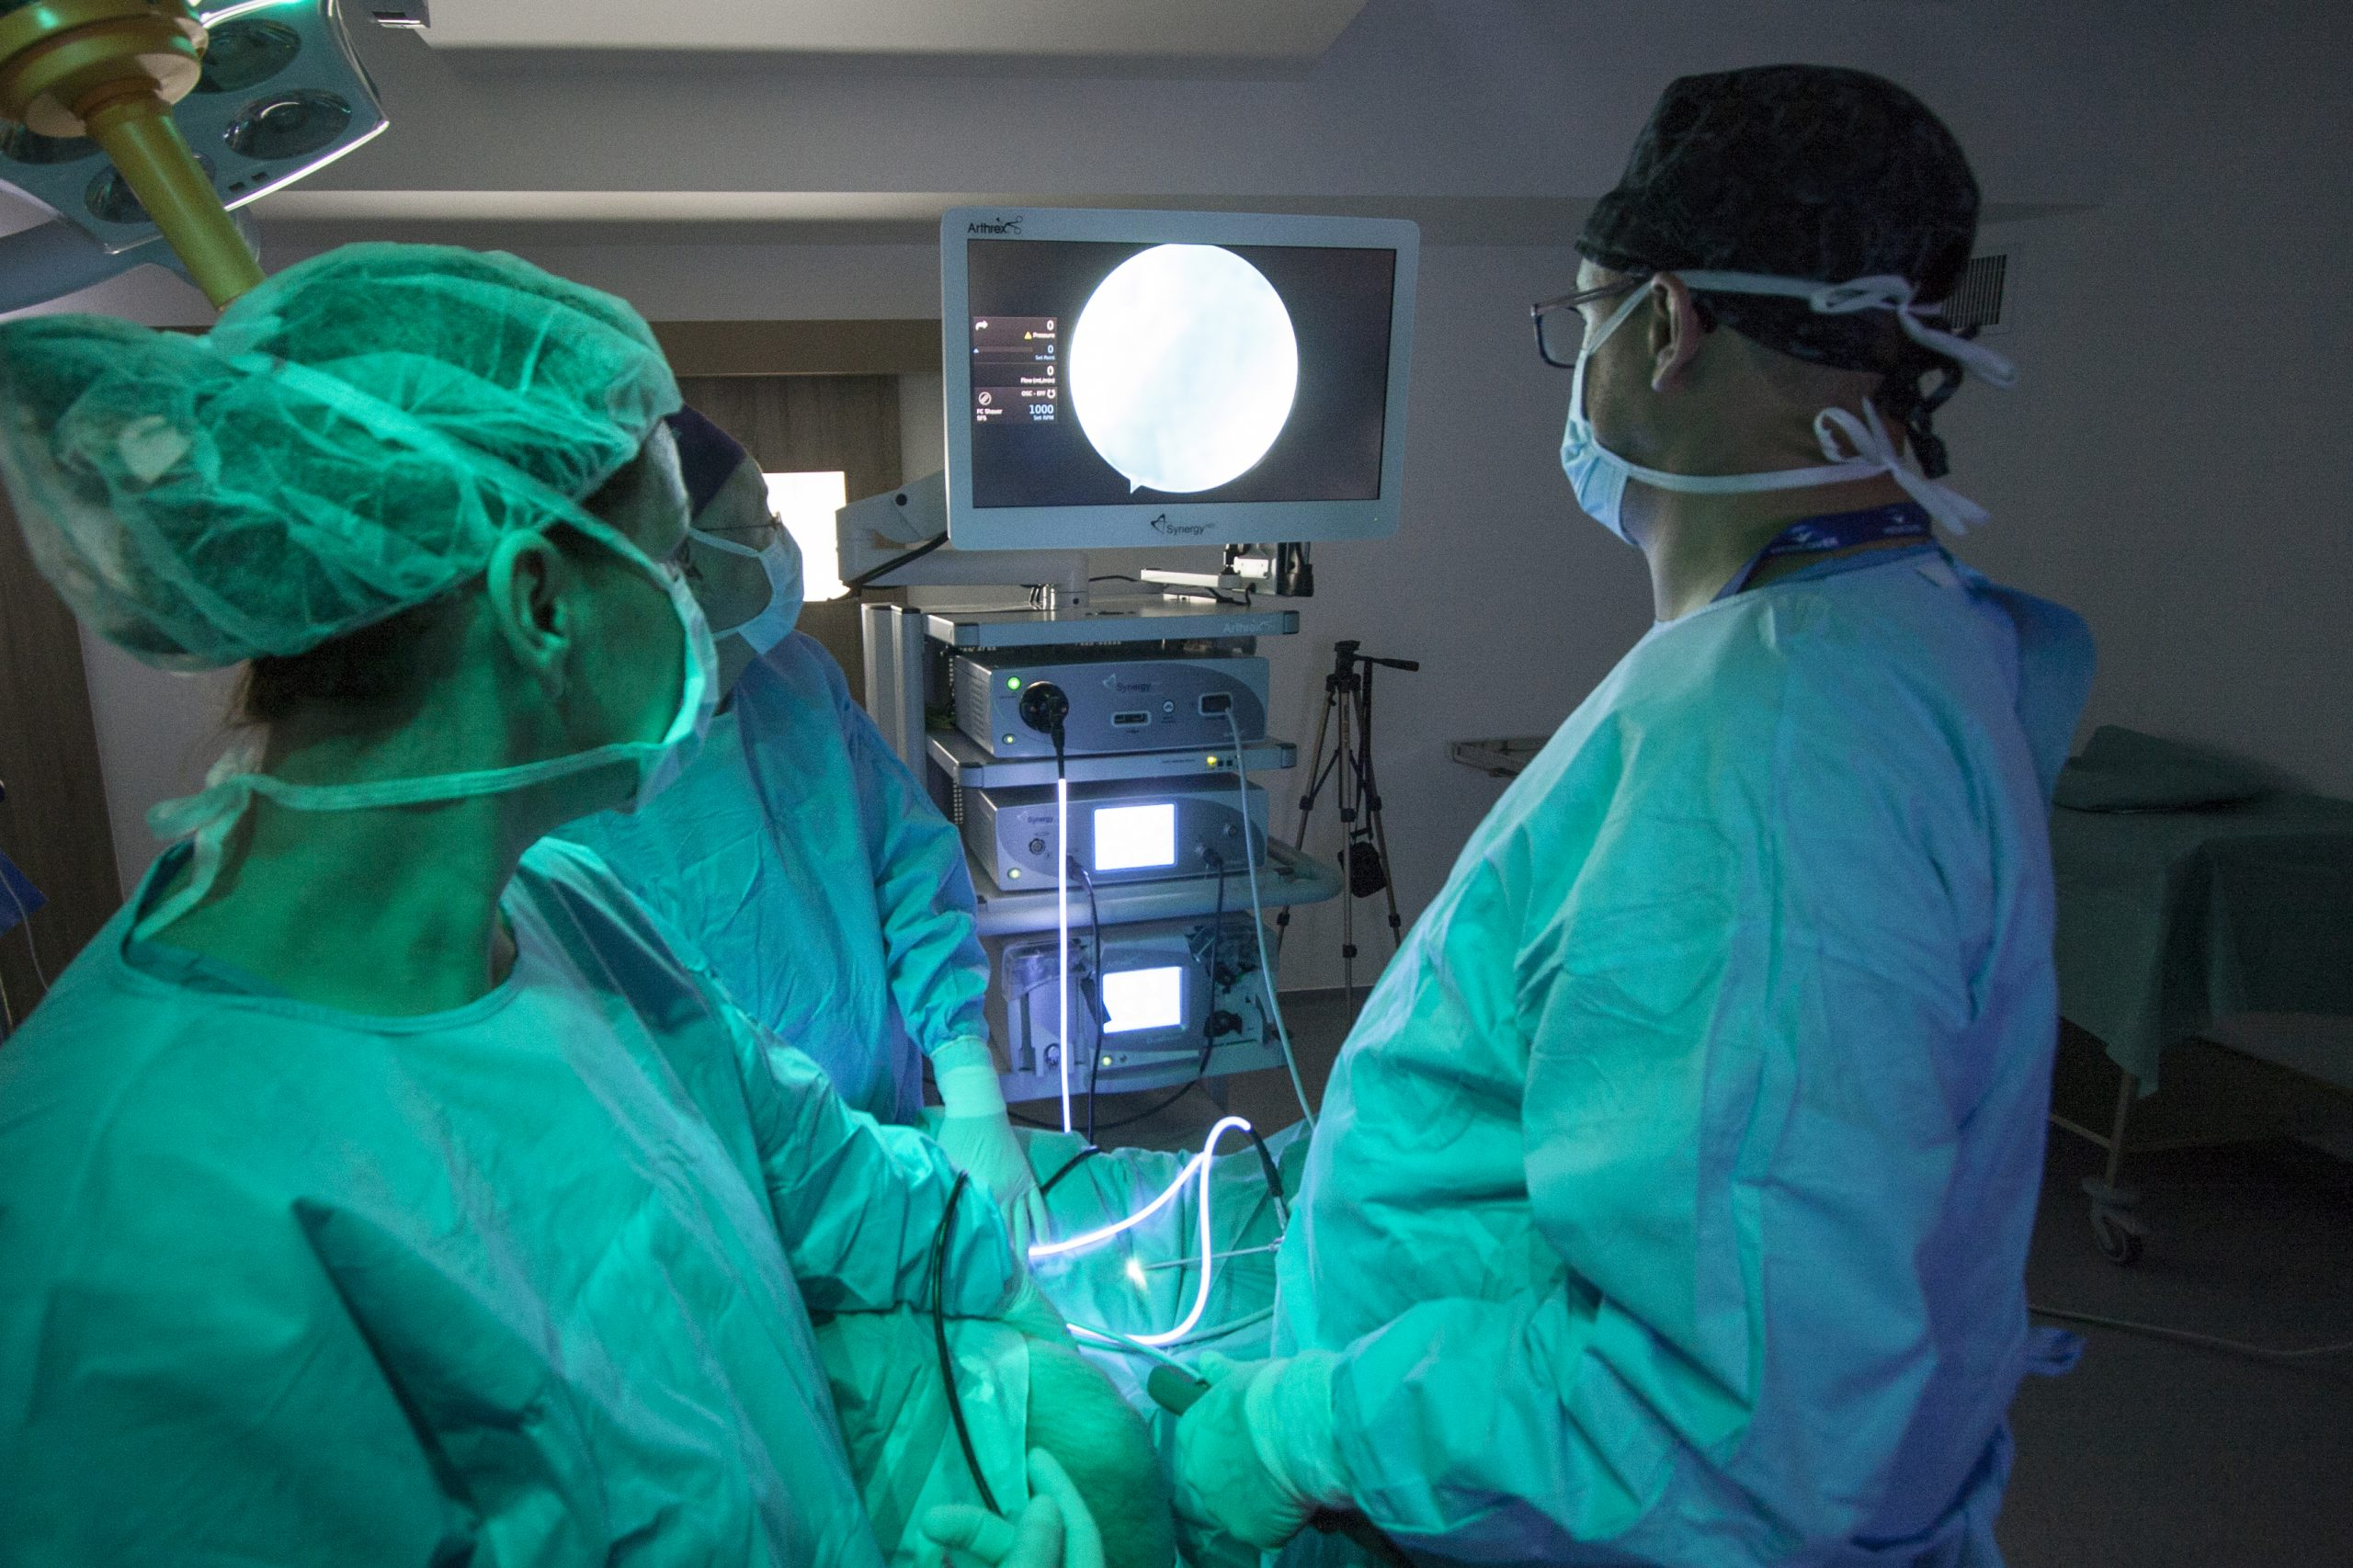 hogyan lehet gyógyítani a hiperópiát műtét nélkül